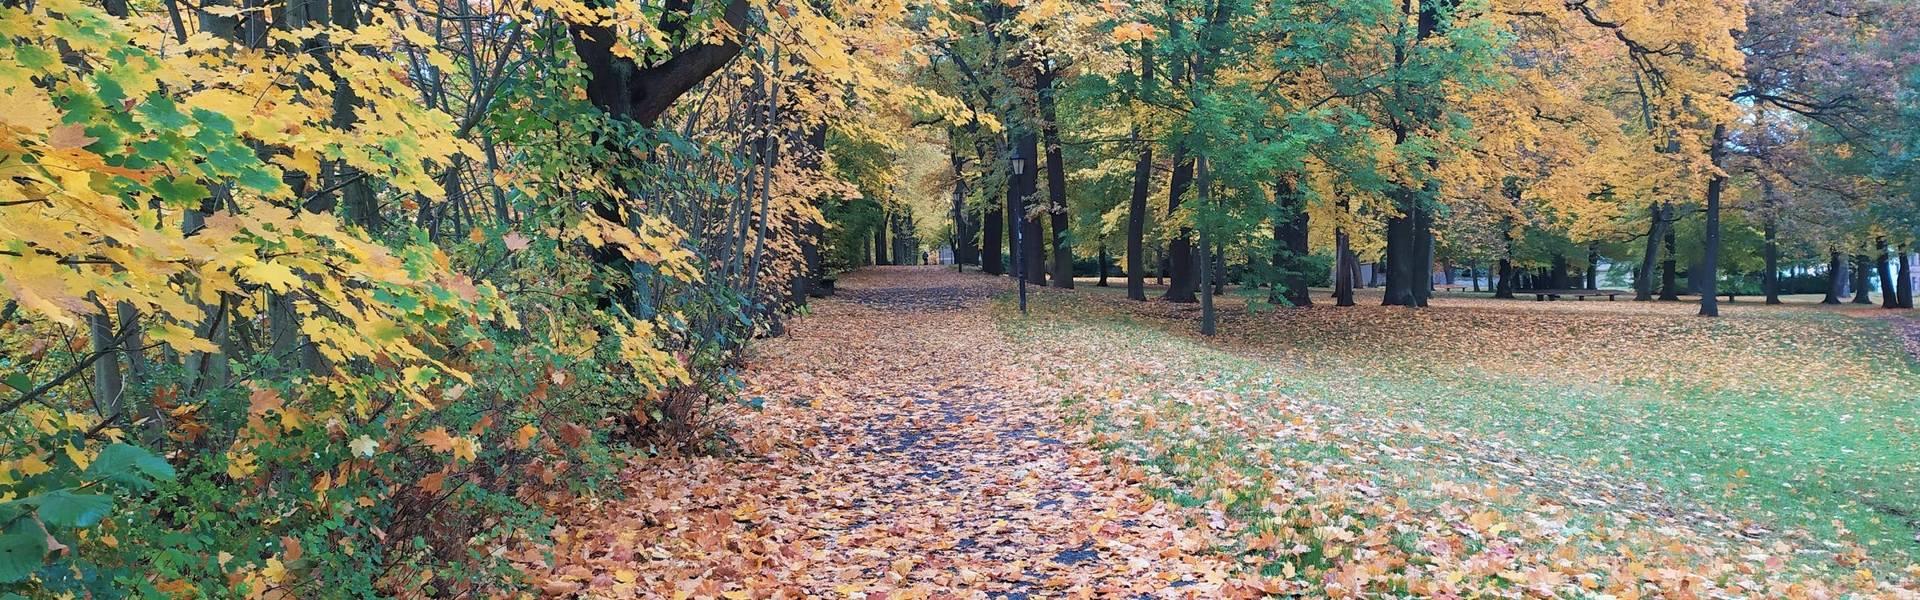 Herbstspaziergang im Park in Neustadt an der Orla ©Mandy Käßner